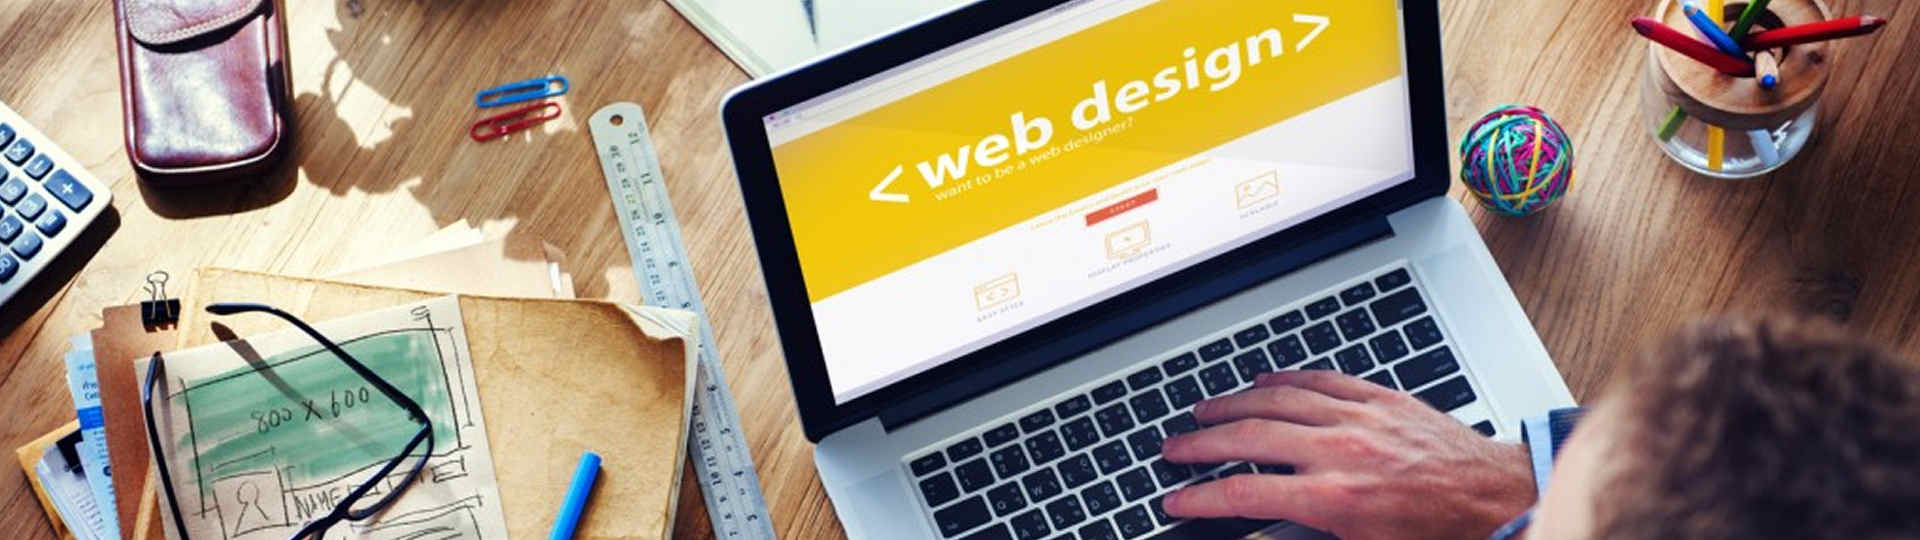 Sviluppo realizzazione Siti Web cremona crema mantova